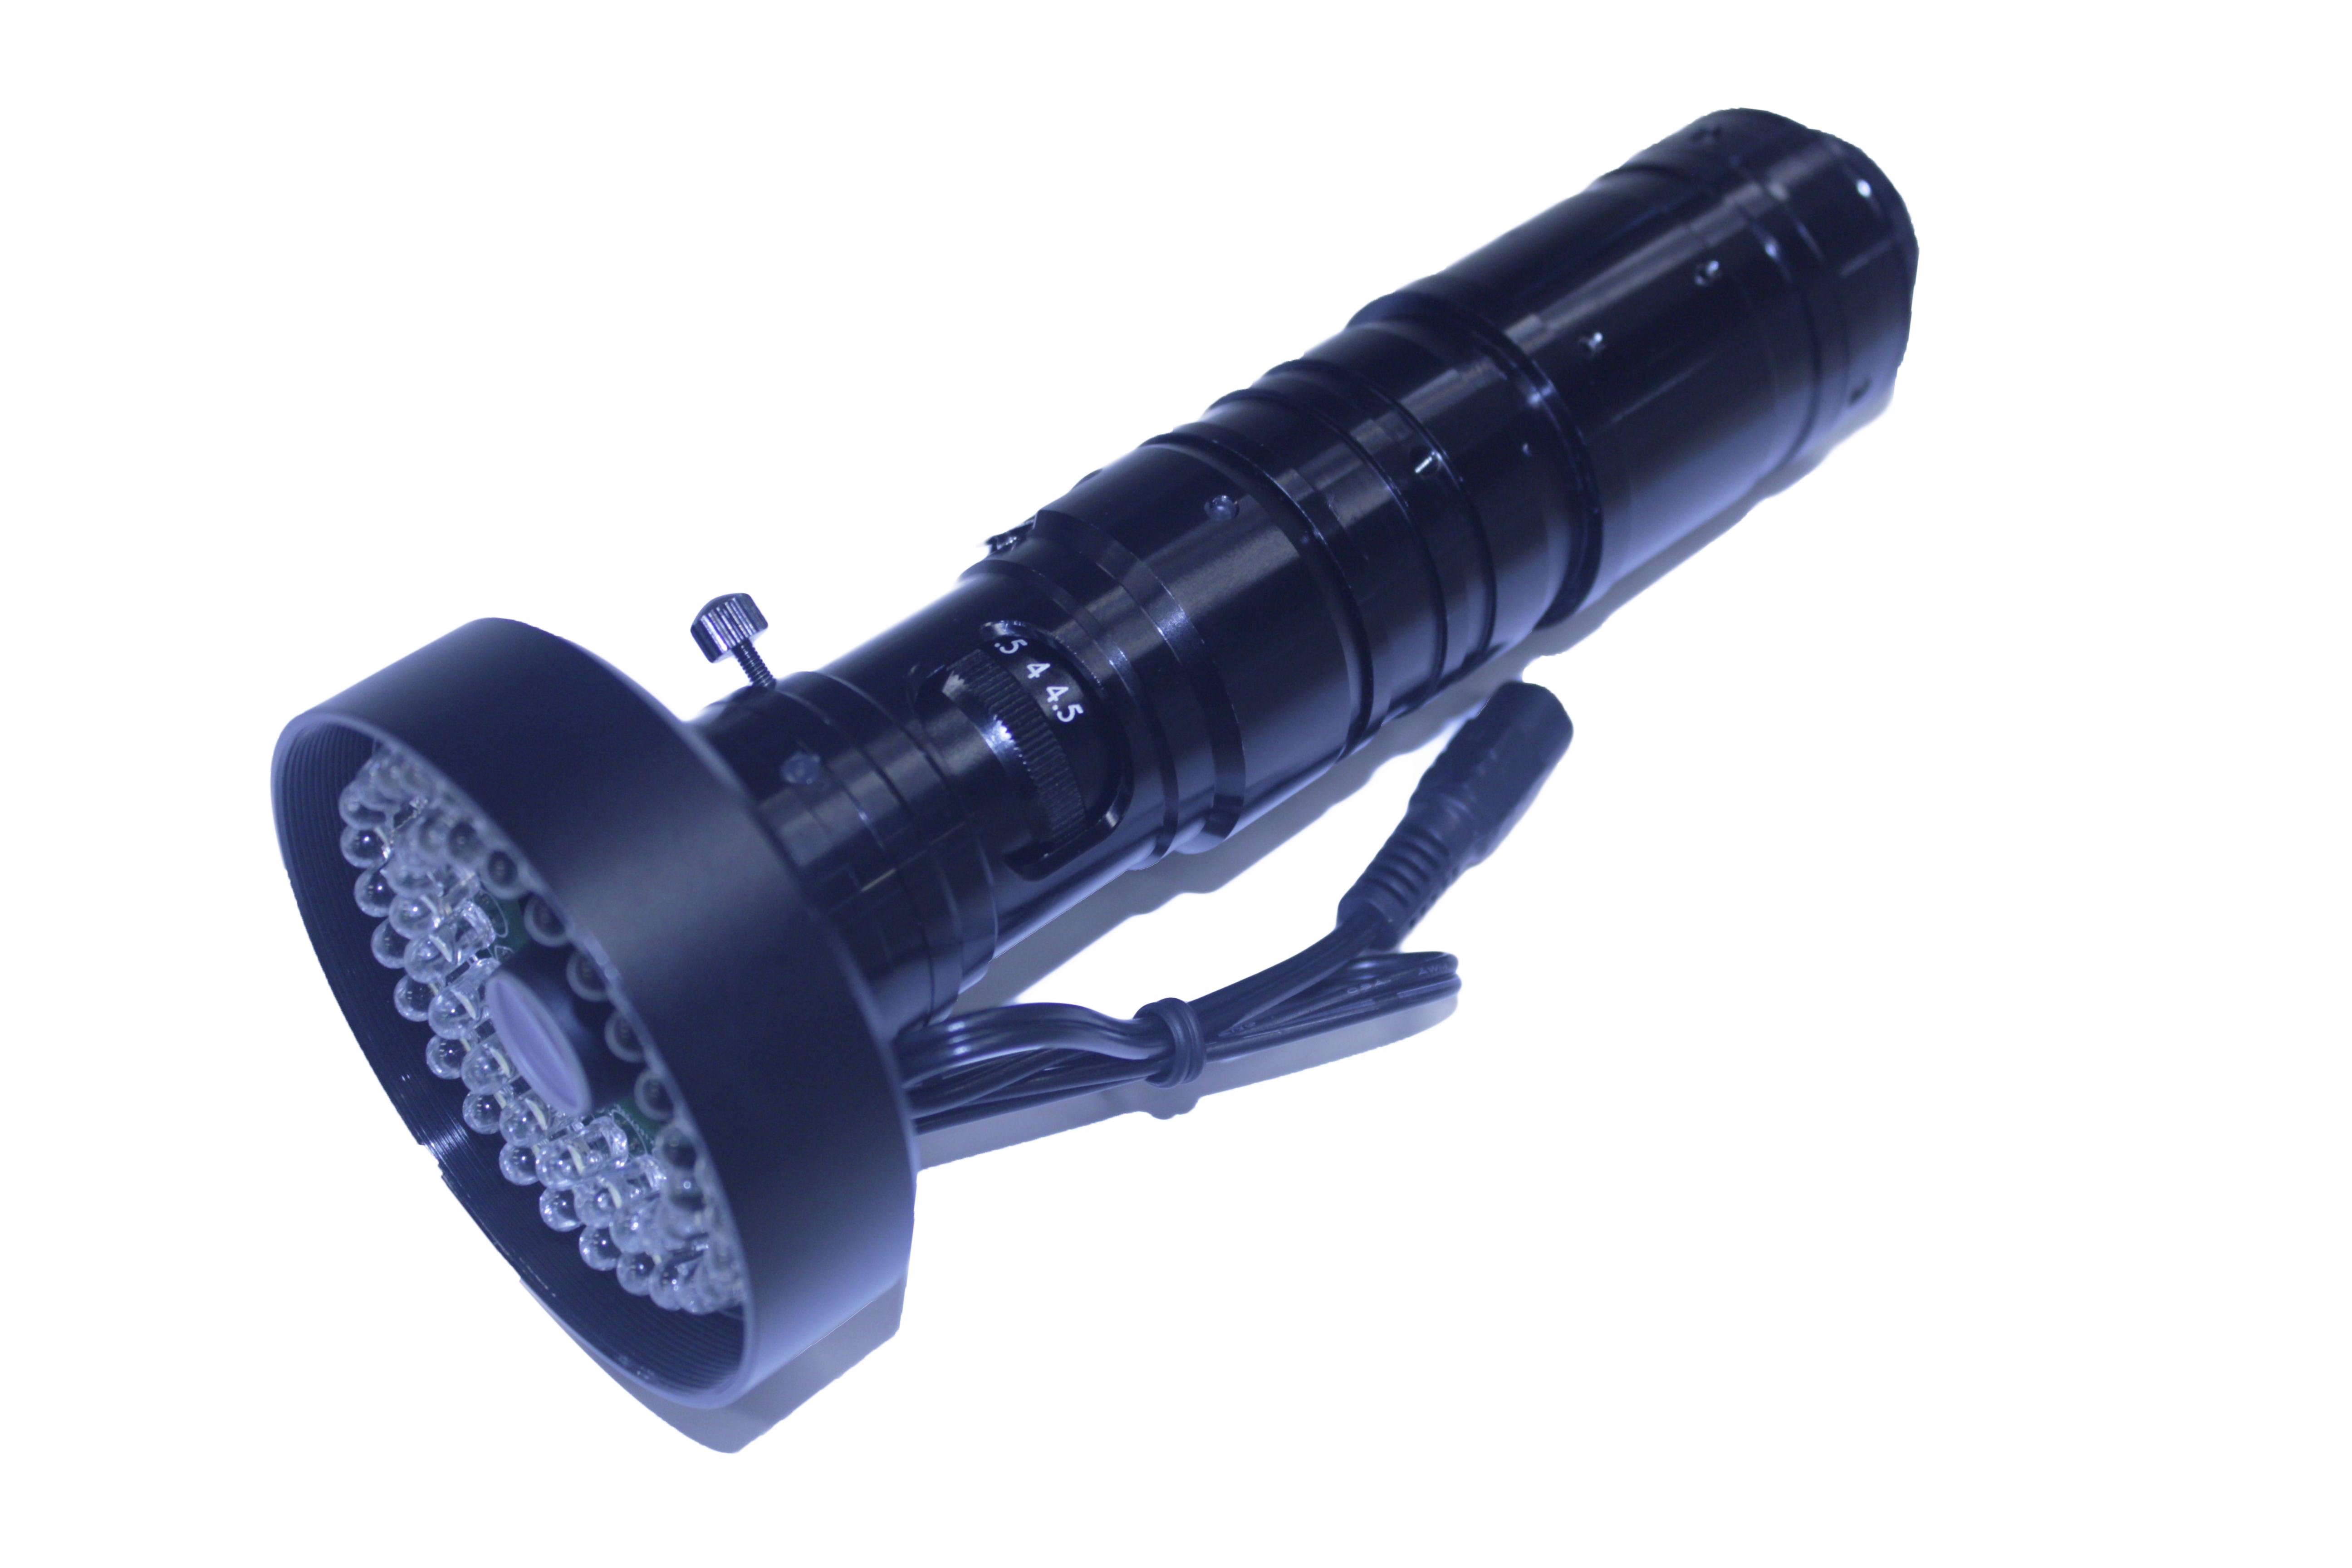 测量仪镜头/测量设备目镜/测量物镜